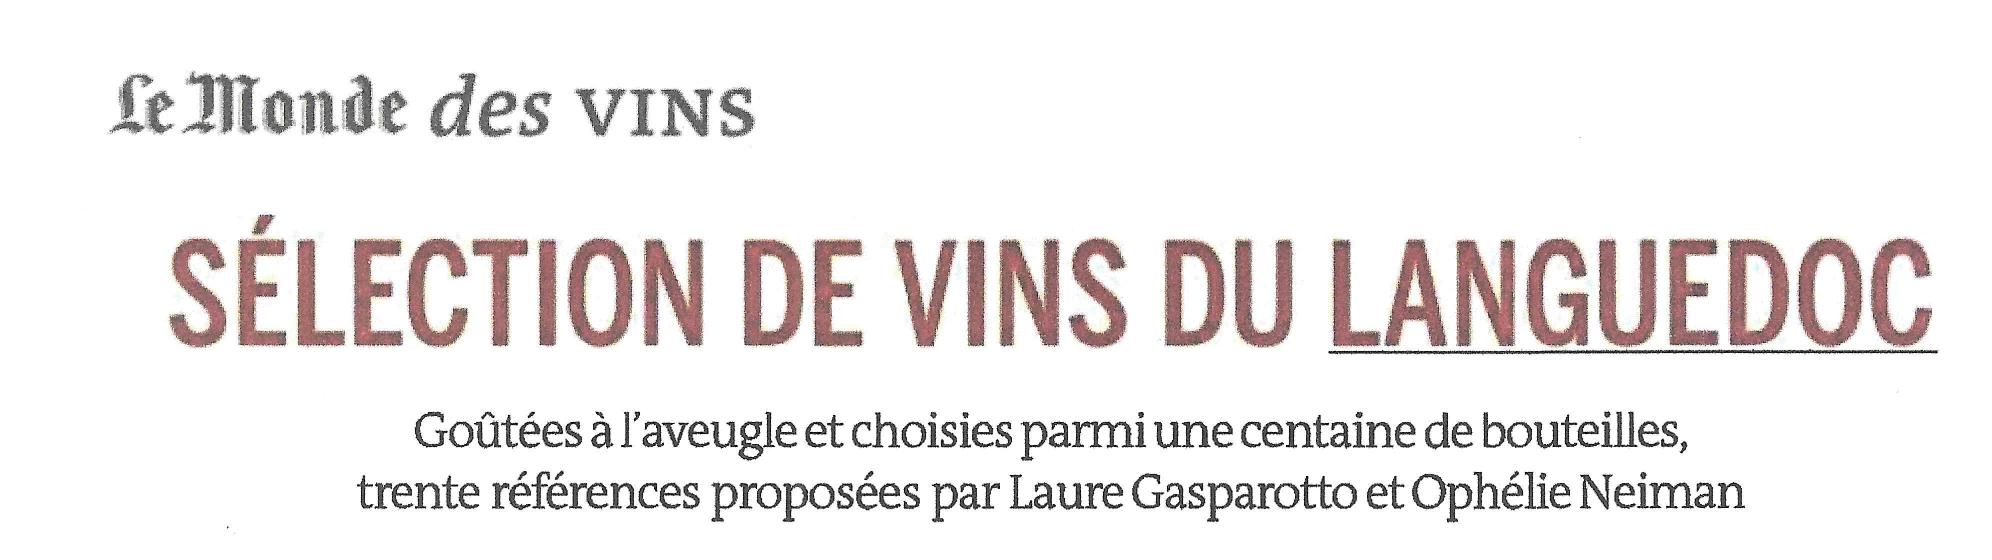 Le Monde supplément du 30 MARS 2018